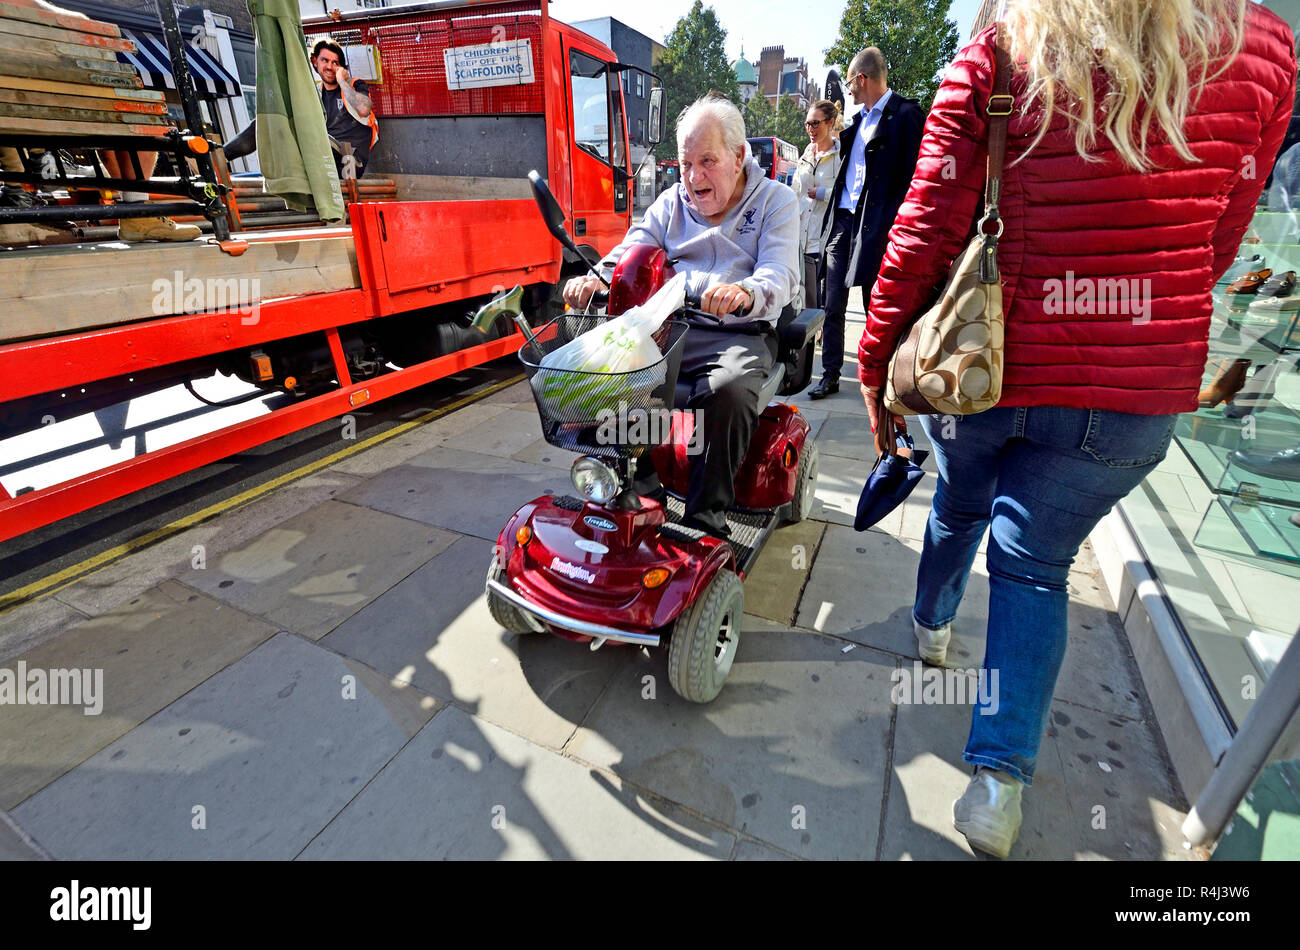 Homme conduisant un scooter de mobilité sur la chaussée dans le centre de Londres, Angleterre, Royaume-Uni. Photo Stock